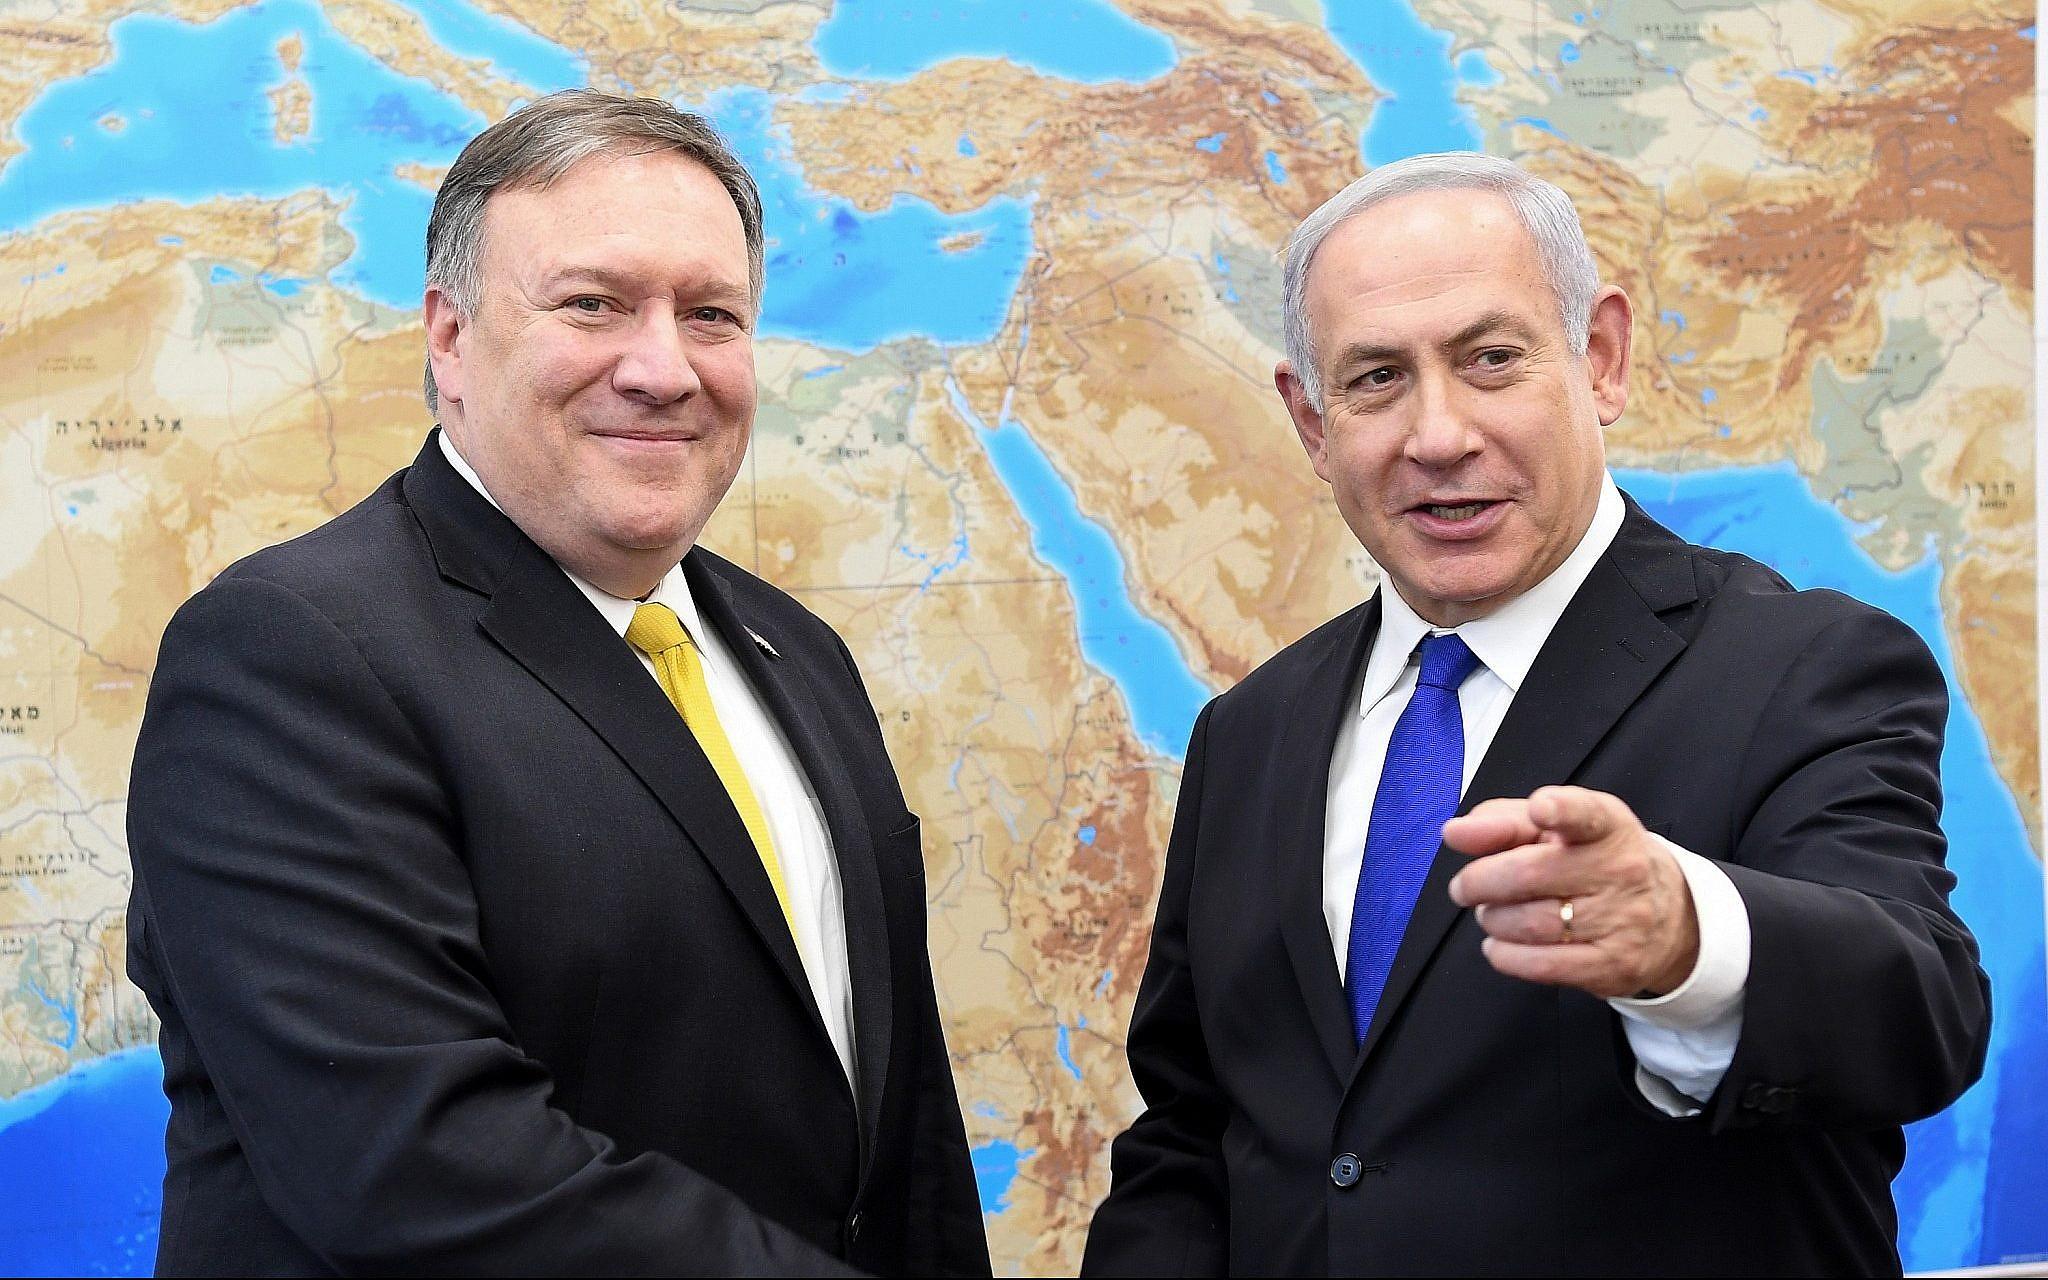 La tournée de Mike Pompeo au Moyen-Orient : dernier coup de Trump contre l'Iran ?